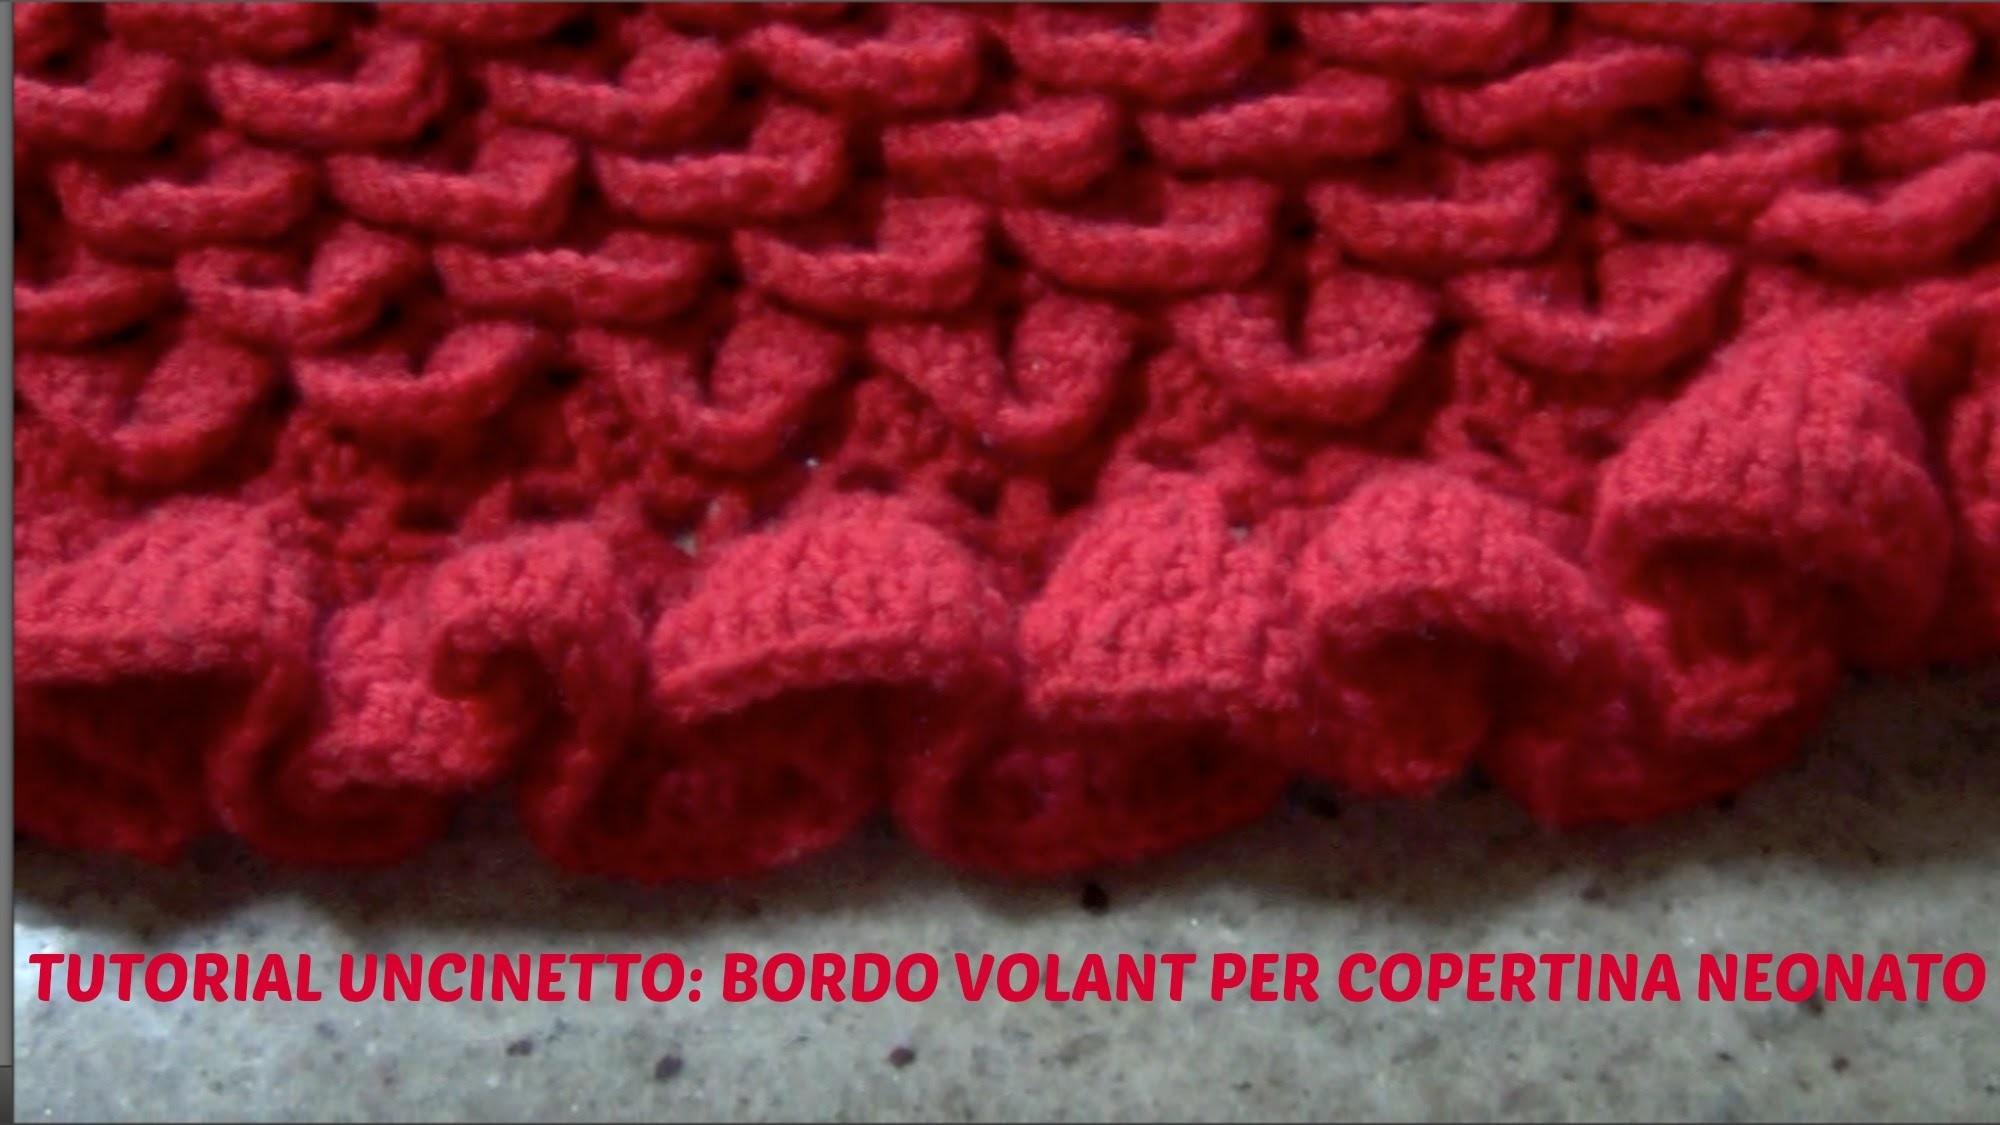 Piastrelle uncinetto per copertine neonato copertine ad uncinetto